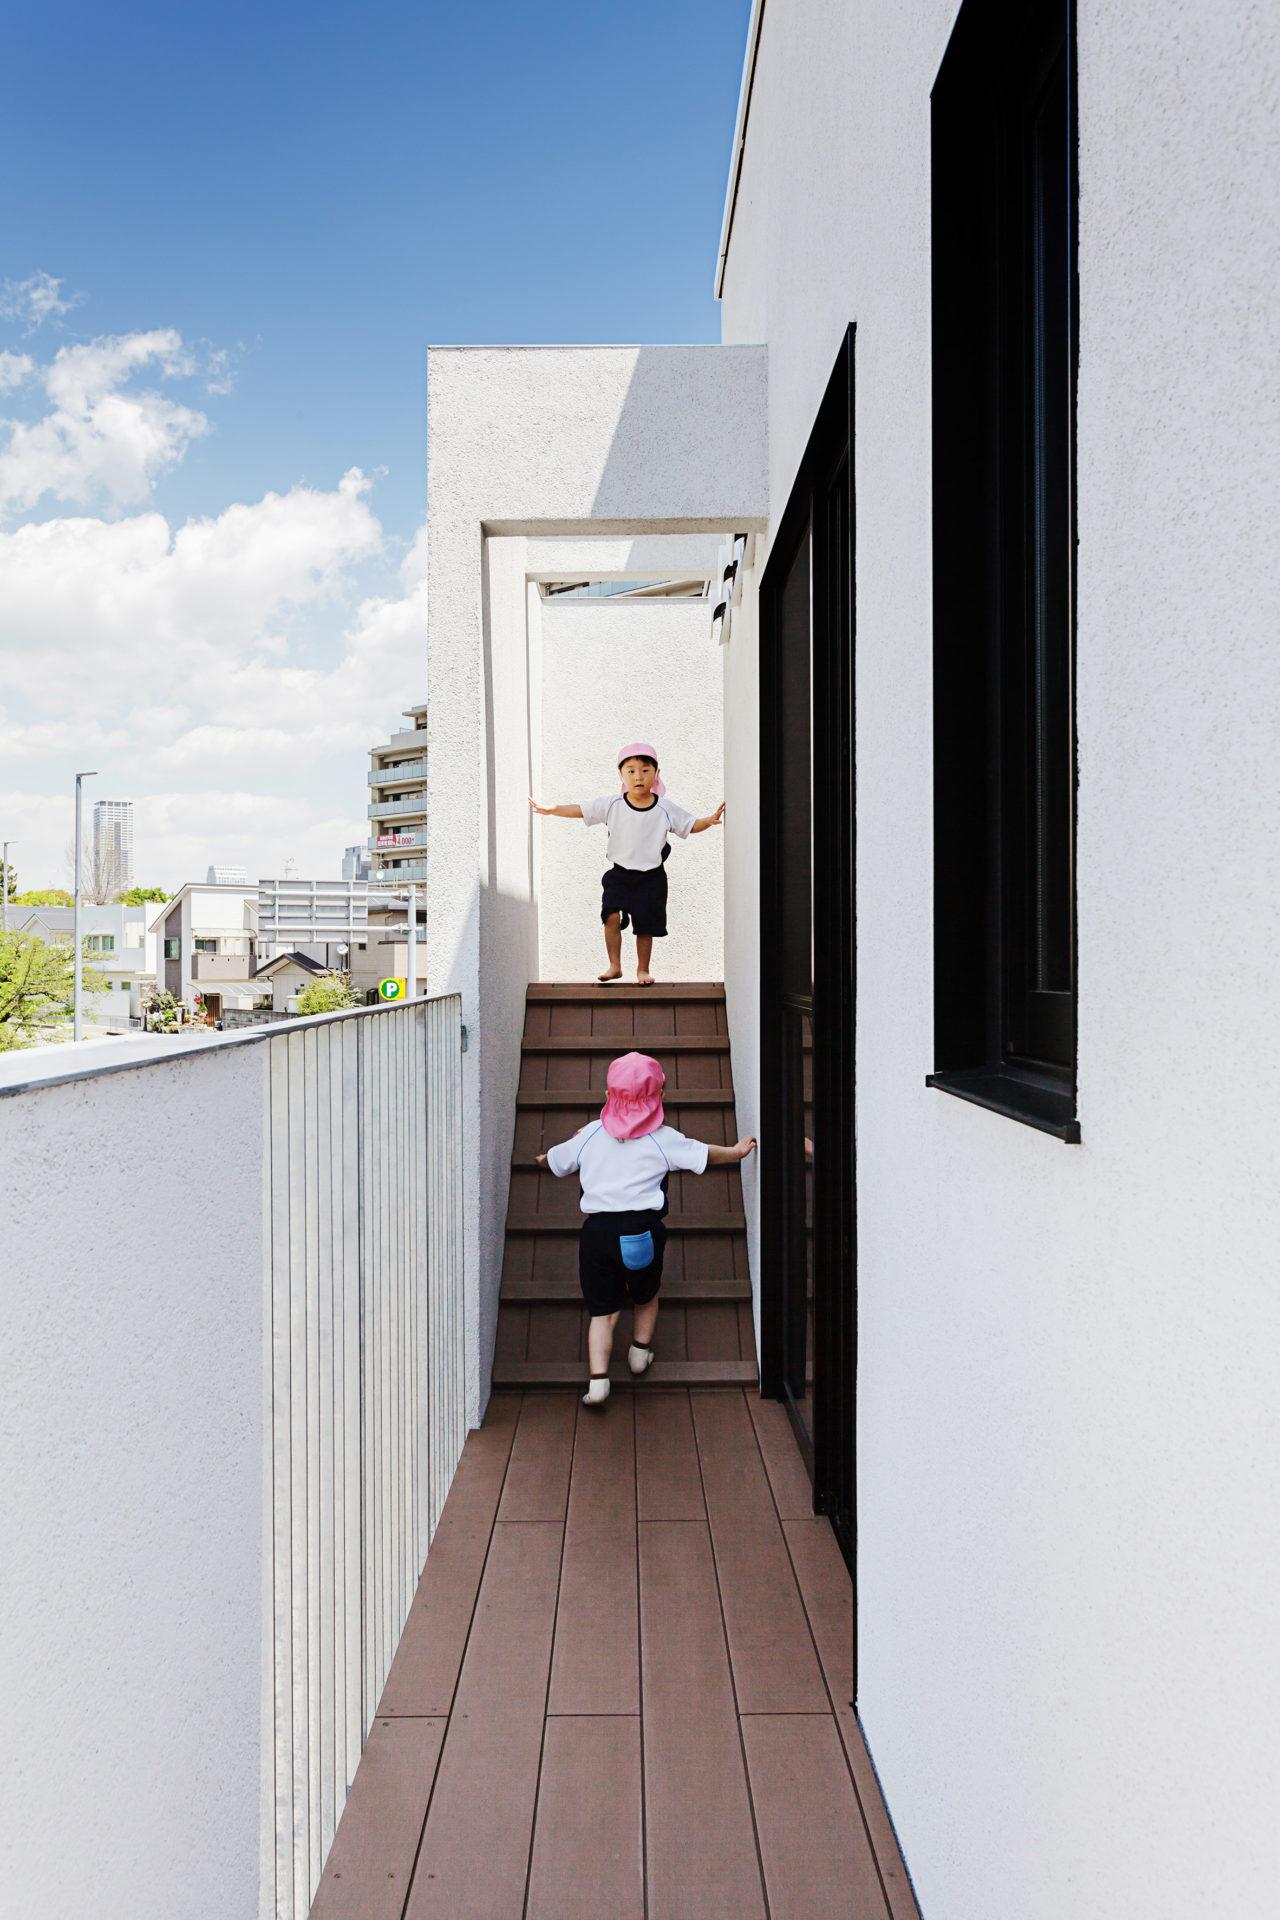 hibinosekkei-yoiuji-no-shiro-osaka-nursery-architecturearchitecture_dezeen_2364_col_25